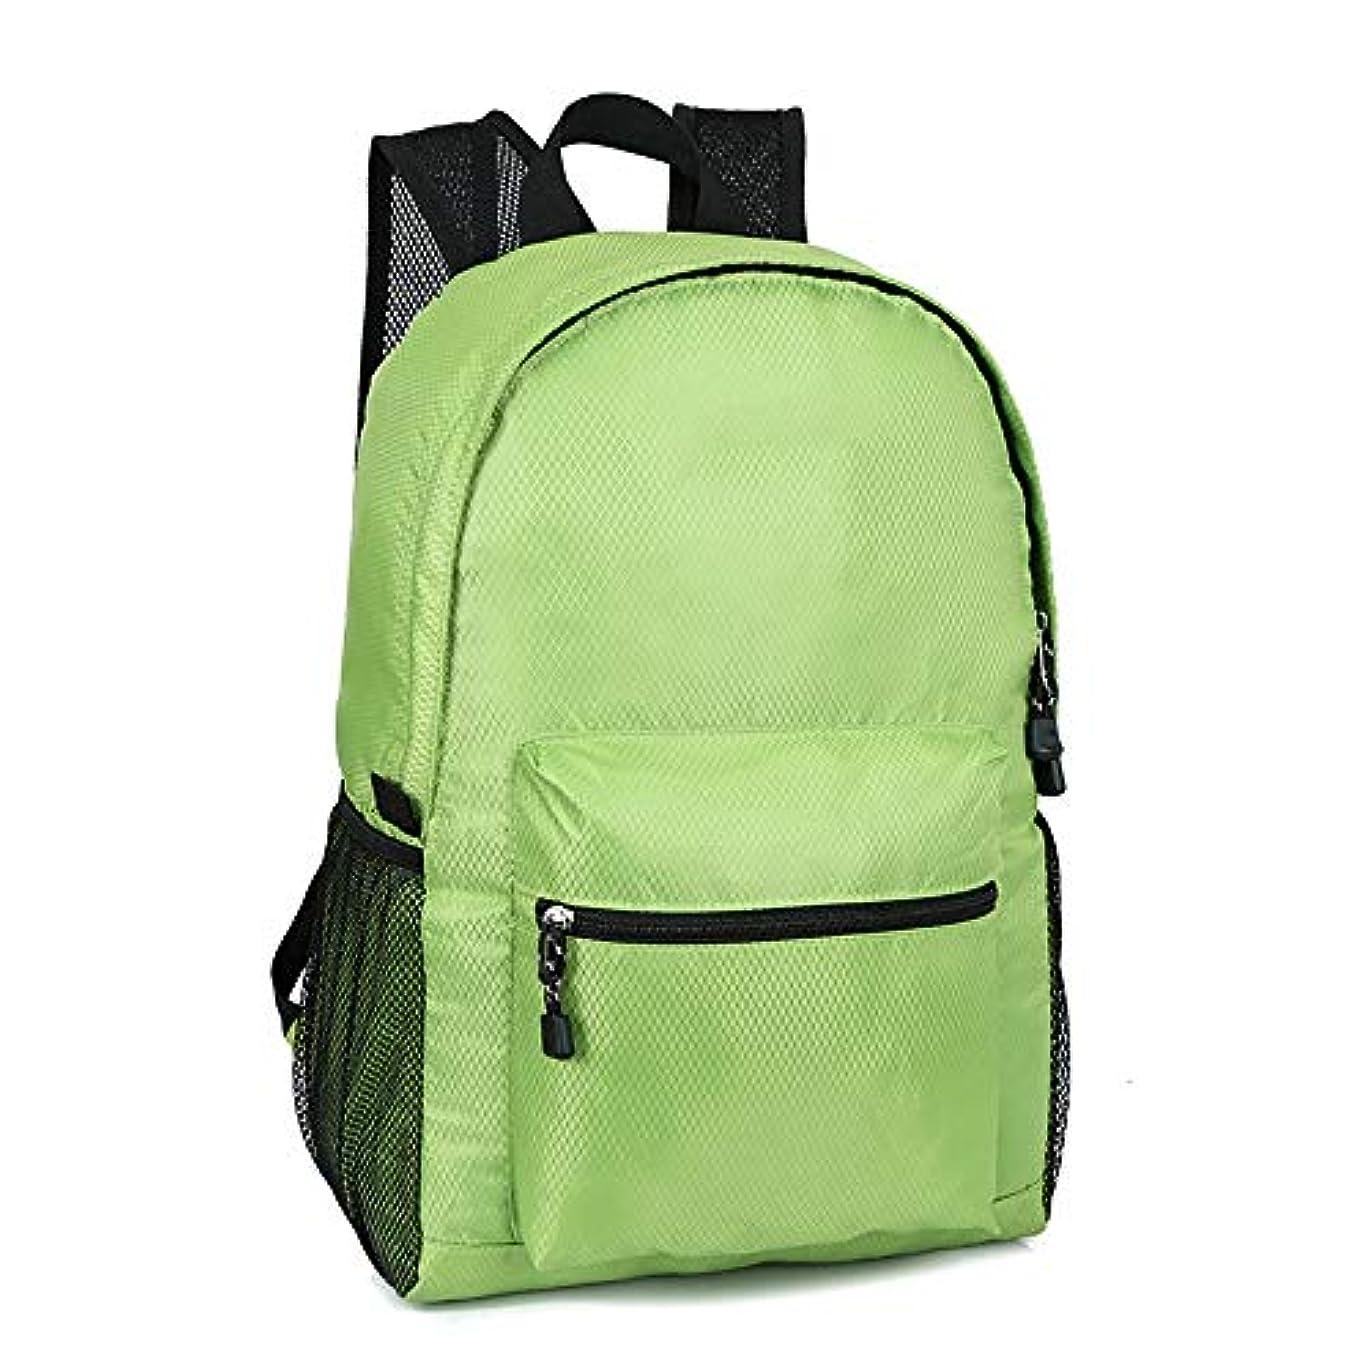 調整偏見穏やかなジムバッグ マルチカラーバックパック超軽量折りたたみバッグスキンバッグアウトドアハイキングカジュアルバックパック 折りたたみ可能な軽量軽量スポーツ (色 : 緑)